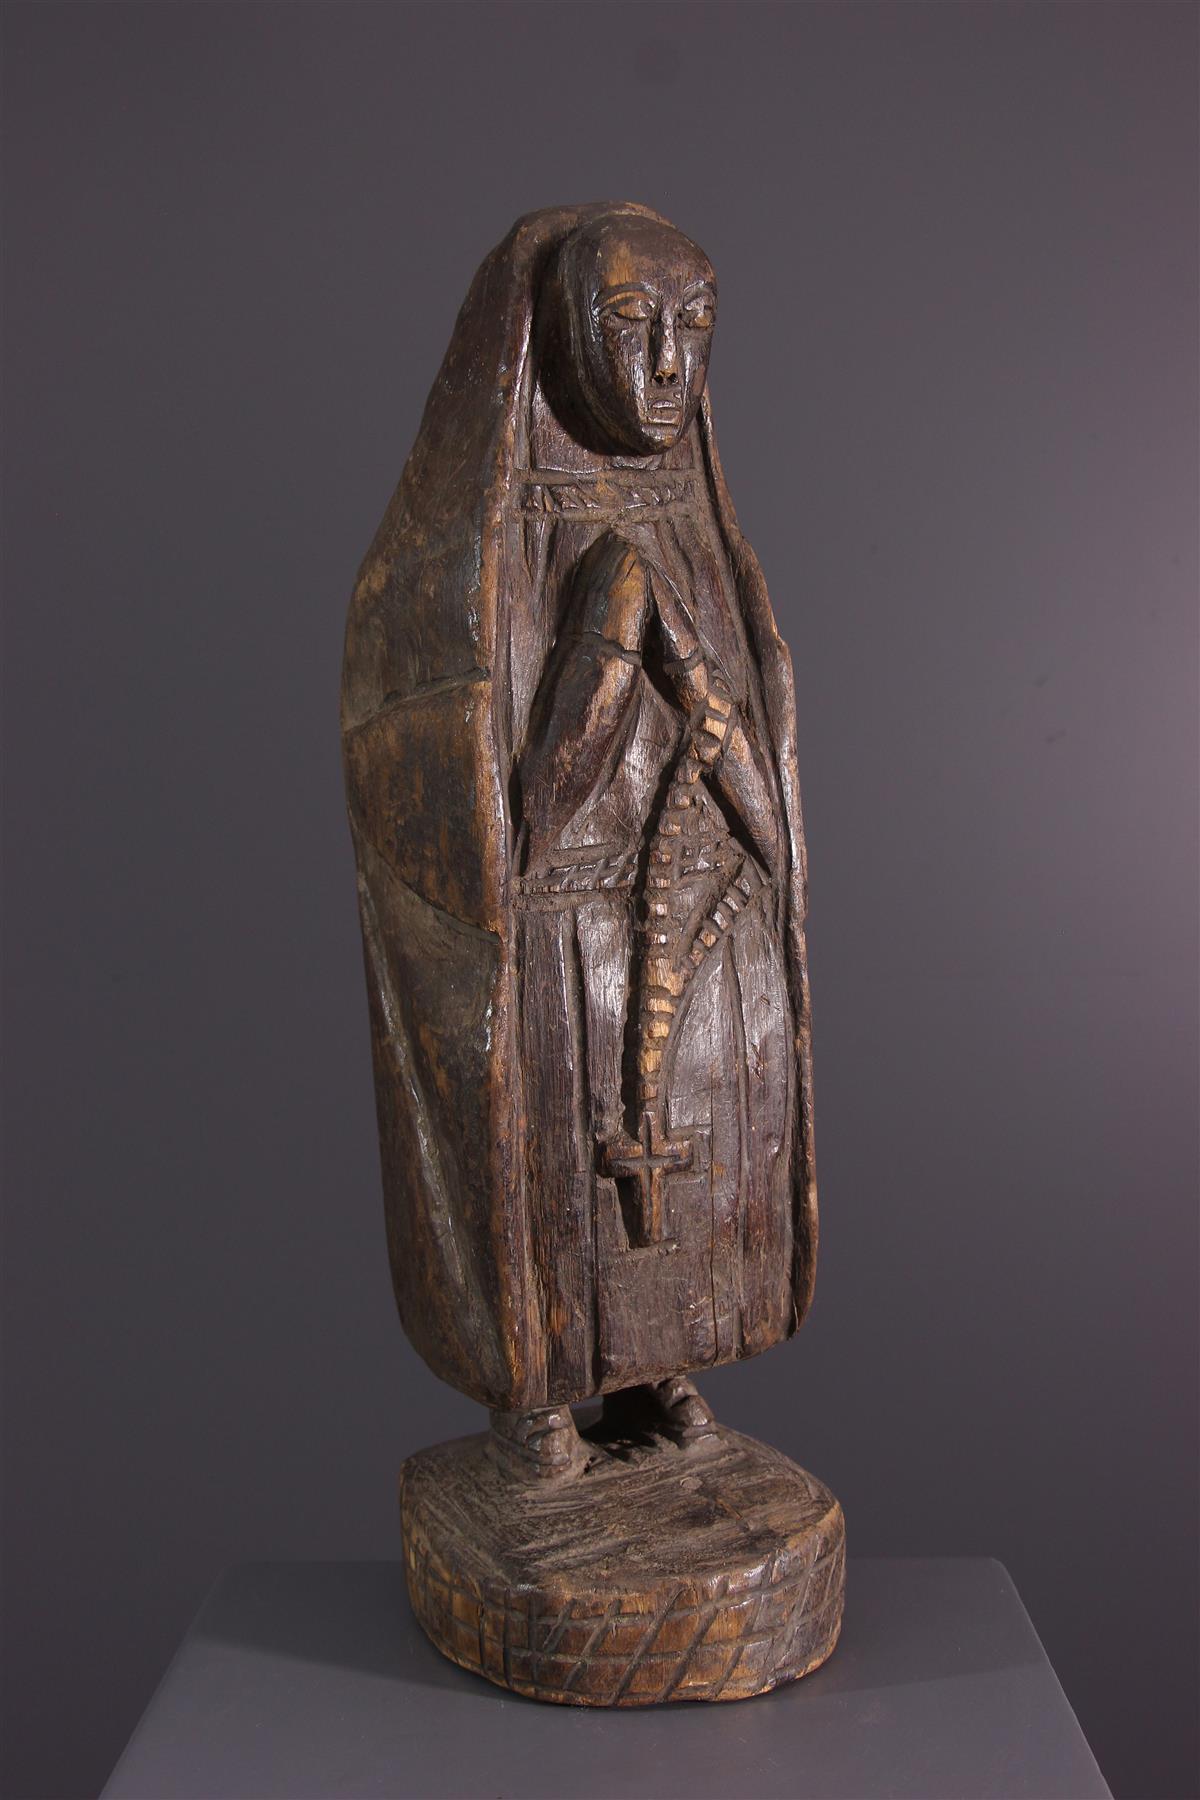 Virgo Kongo - Tribal art